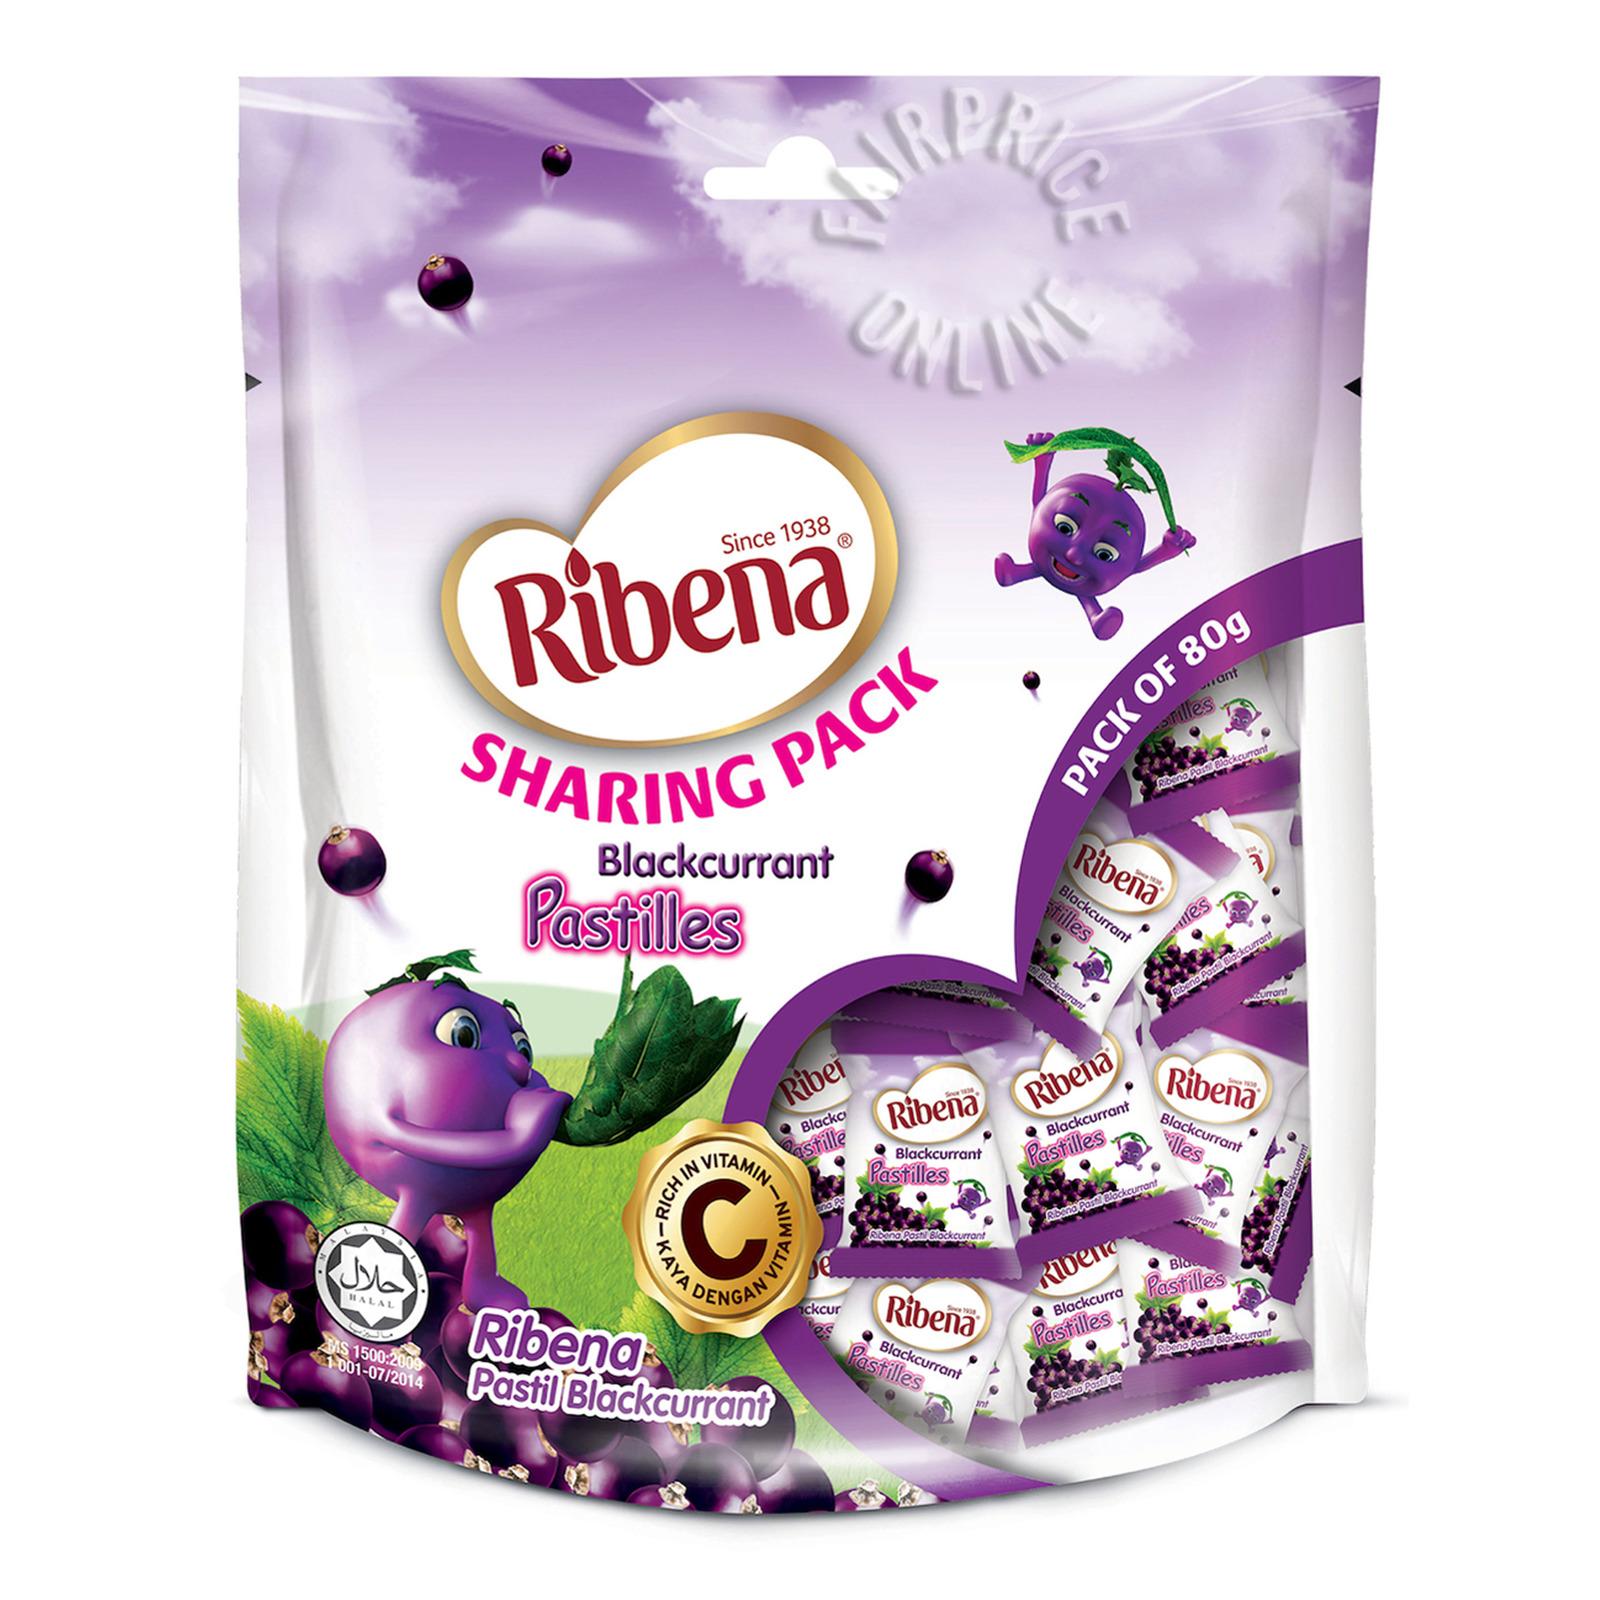 Ribena Blackcurrant Pastilles (Sharing Pack)